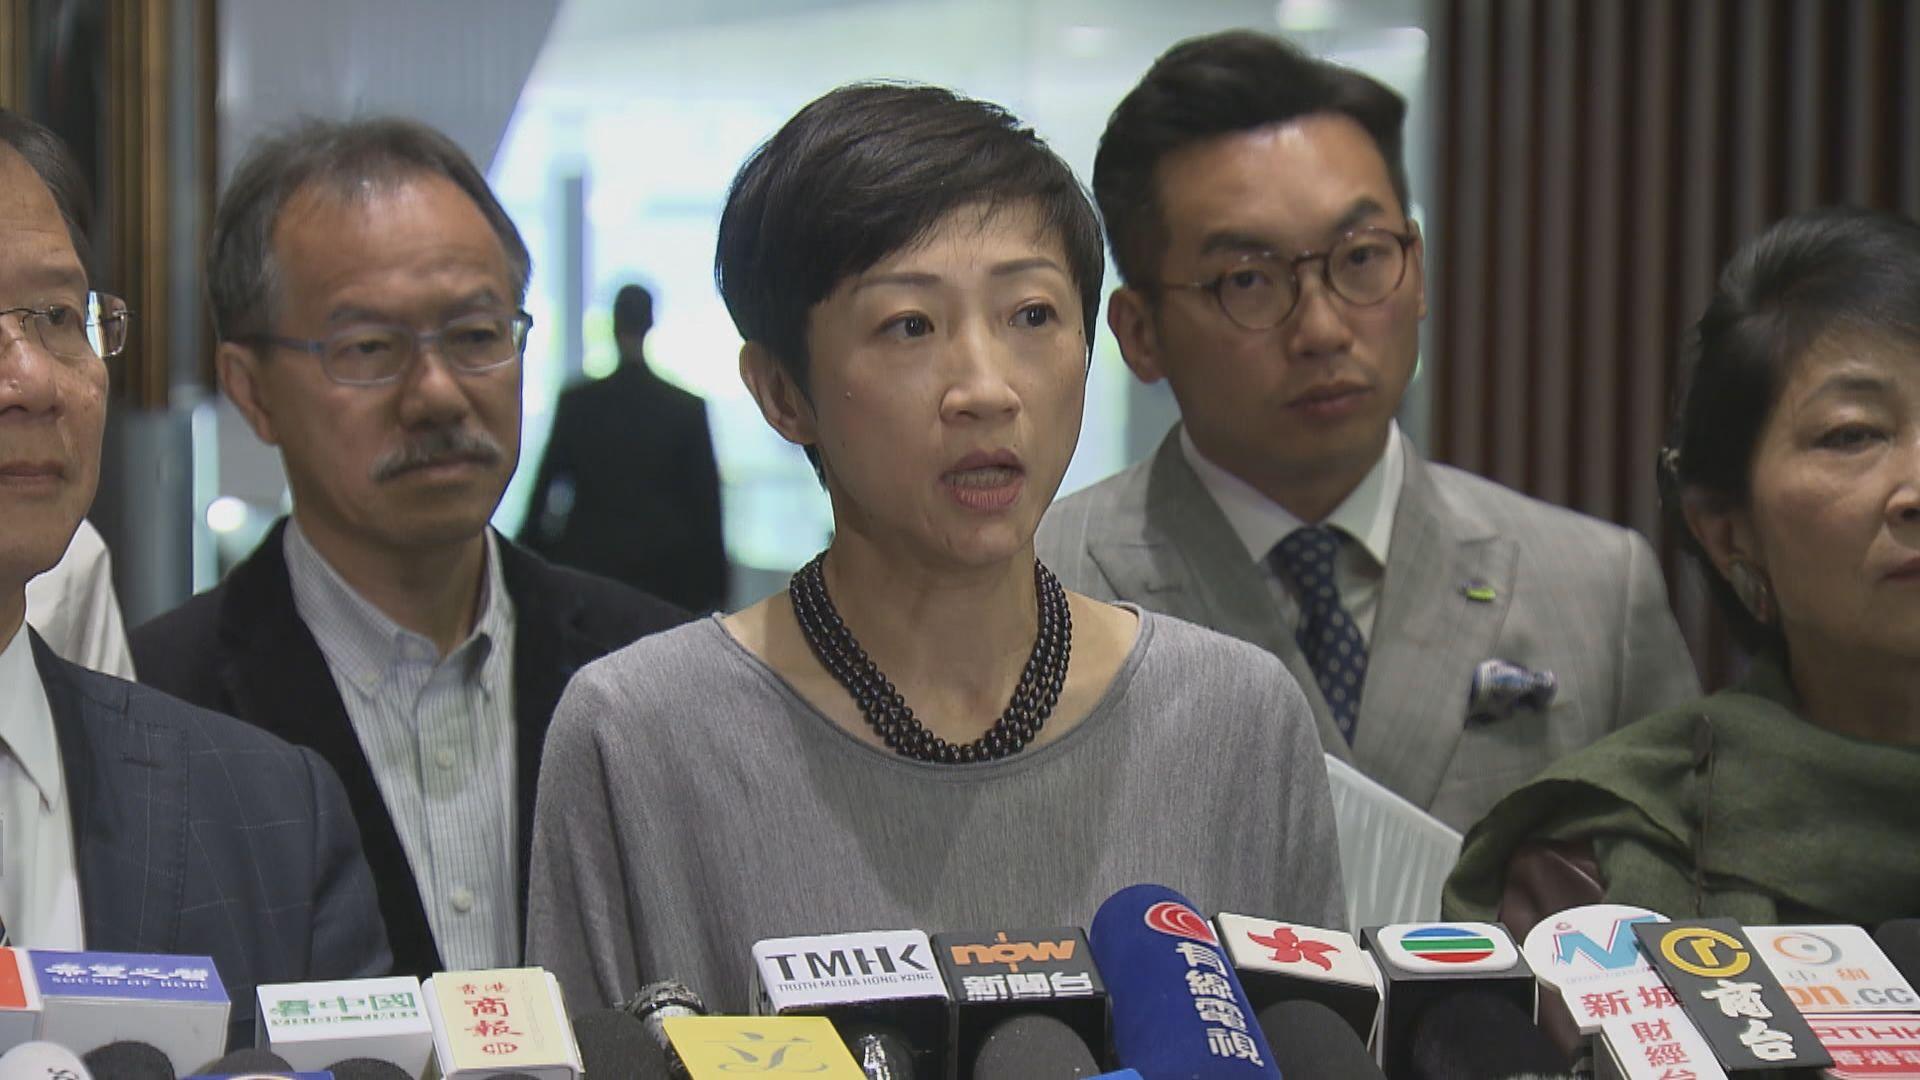 陳淑莊:國際專家組「跳船」影響香港國際聲譽